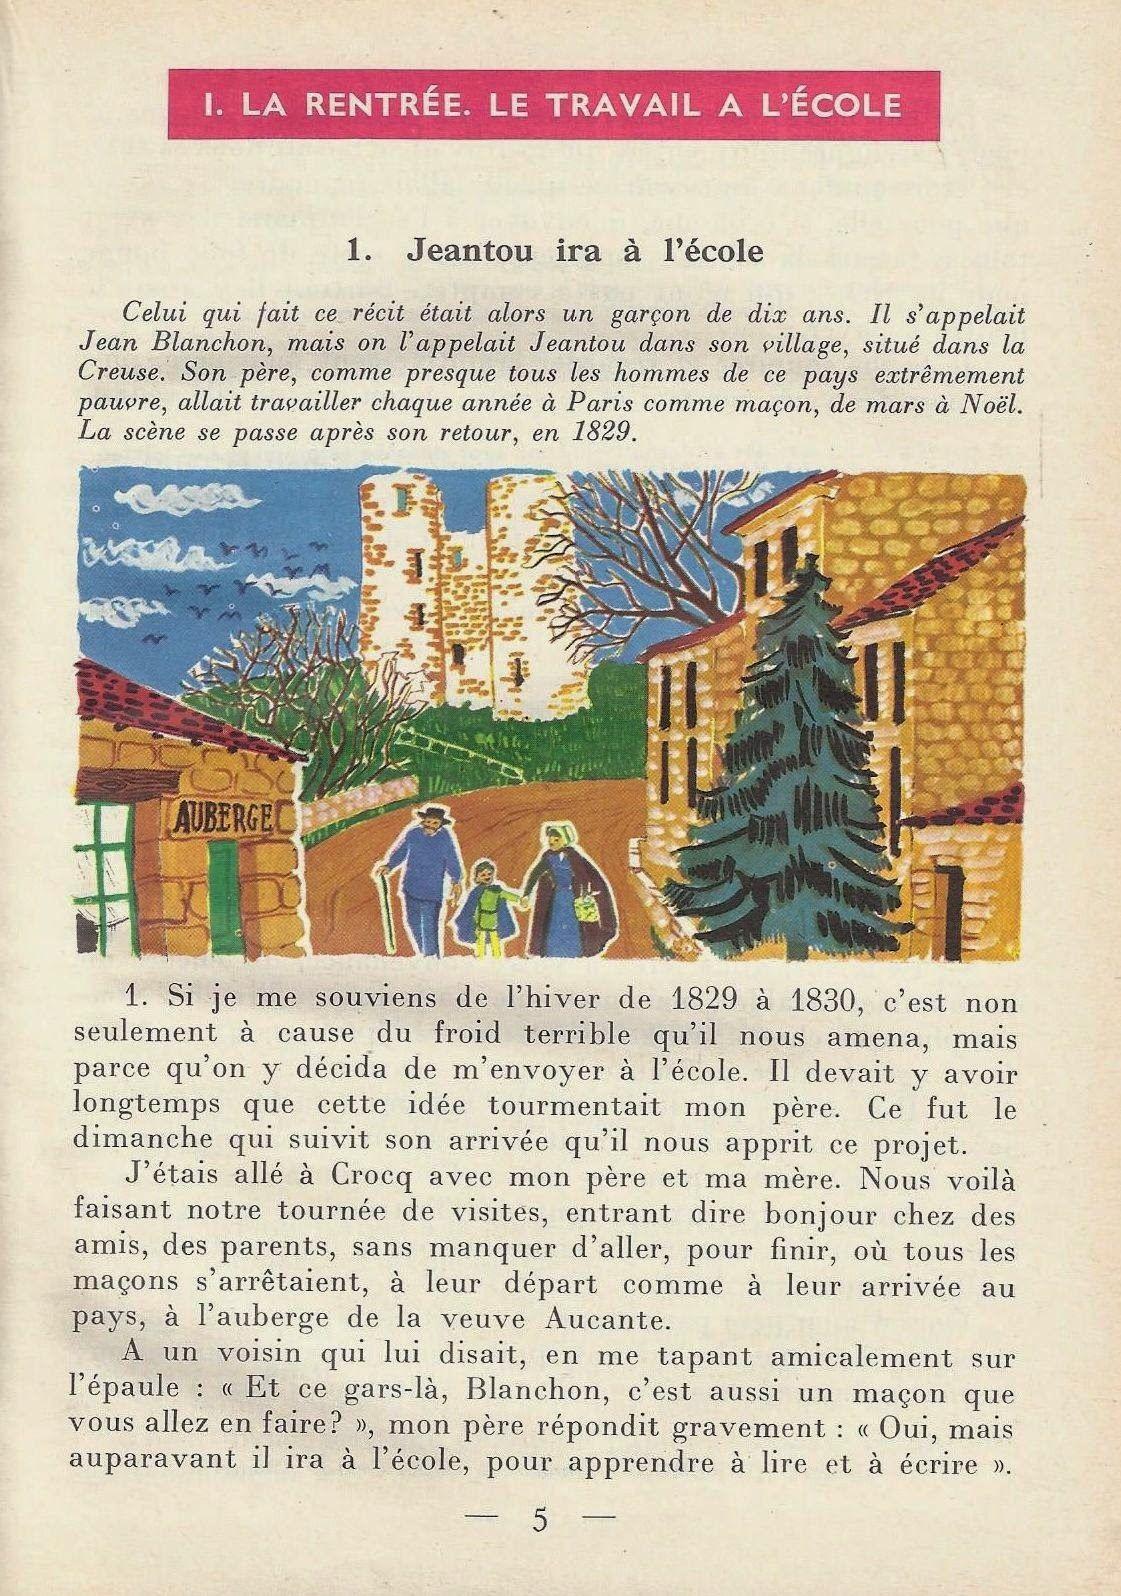 Juredieu, Lisons de beaux textes  Cours Moyen 2e année, classe de 7e (1967).  Illustrations de J. M. Desbeaux.   Plus grandes images ici .  ...